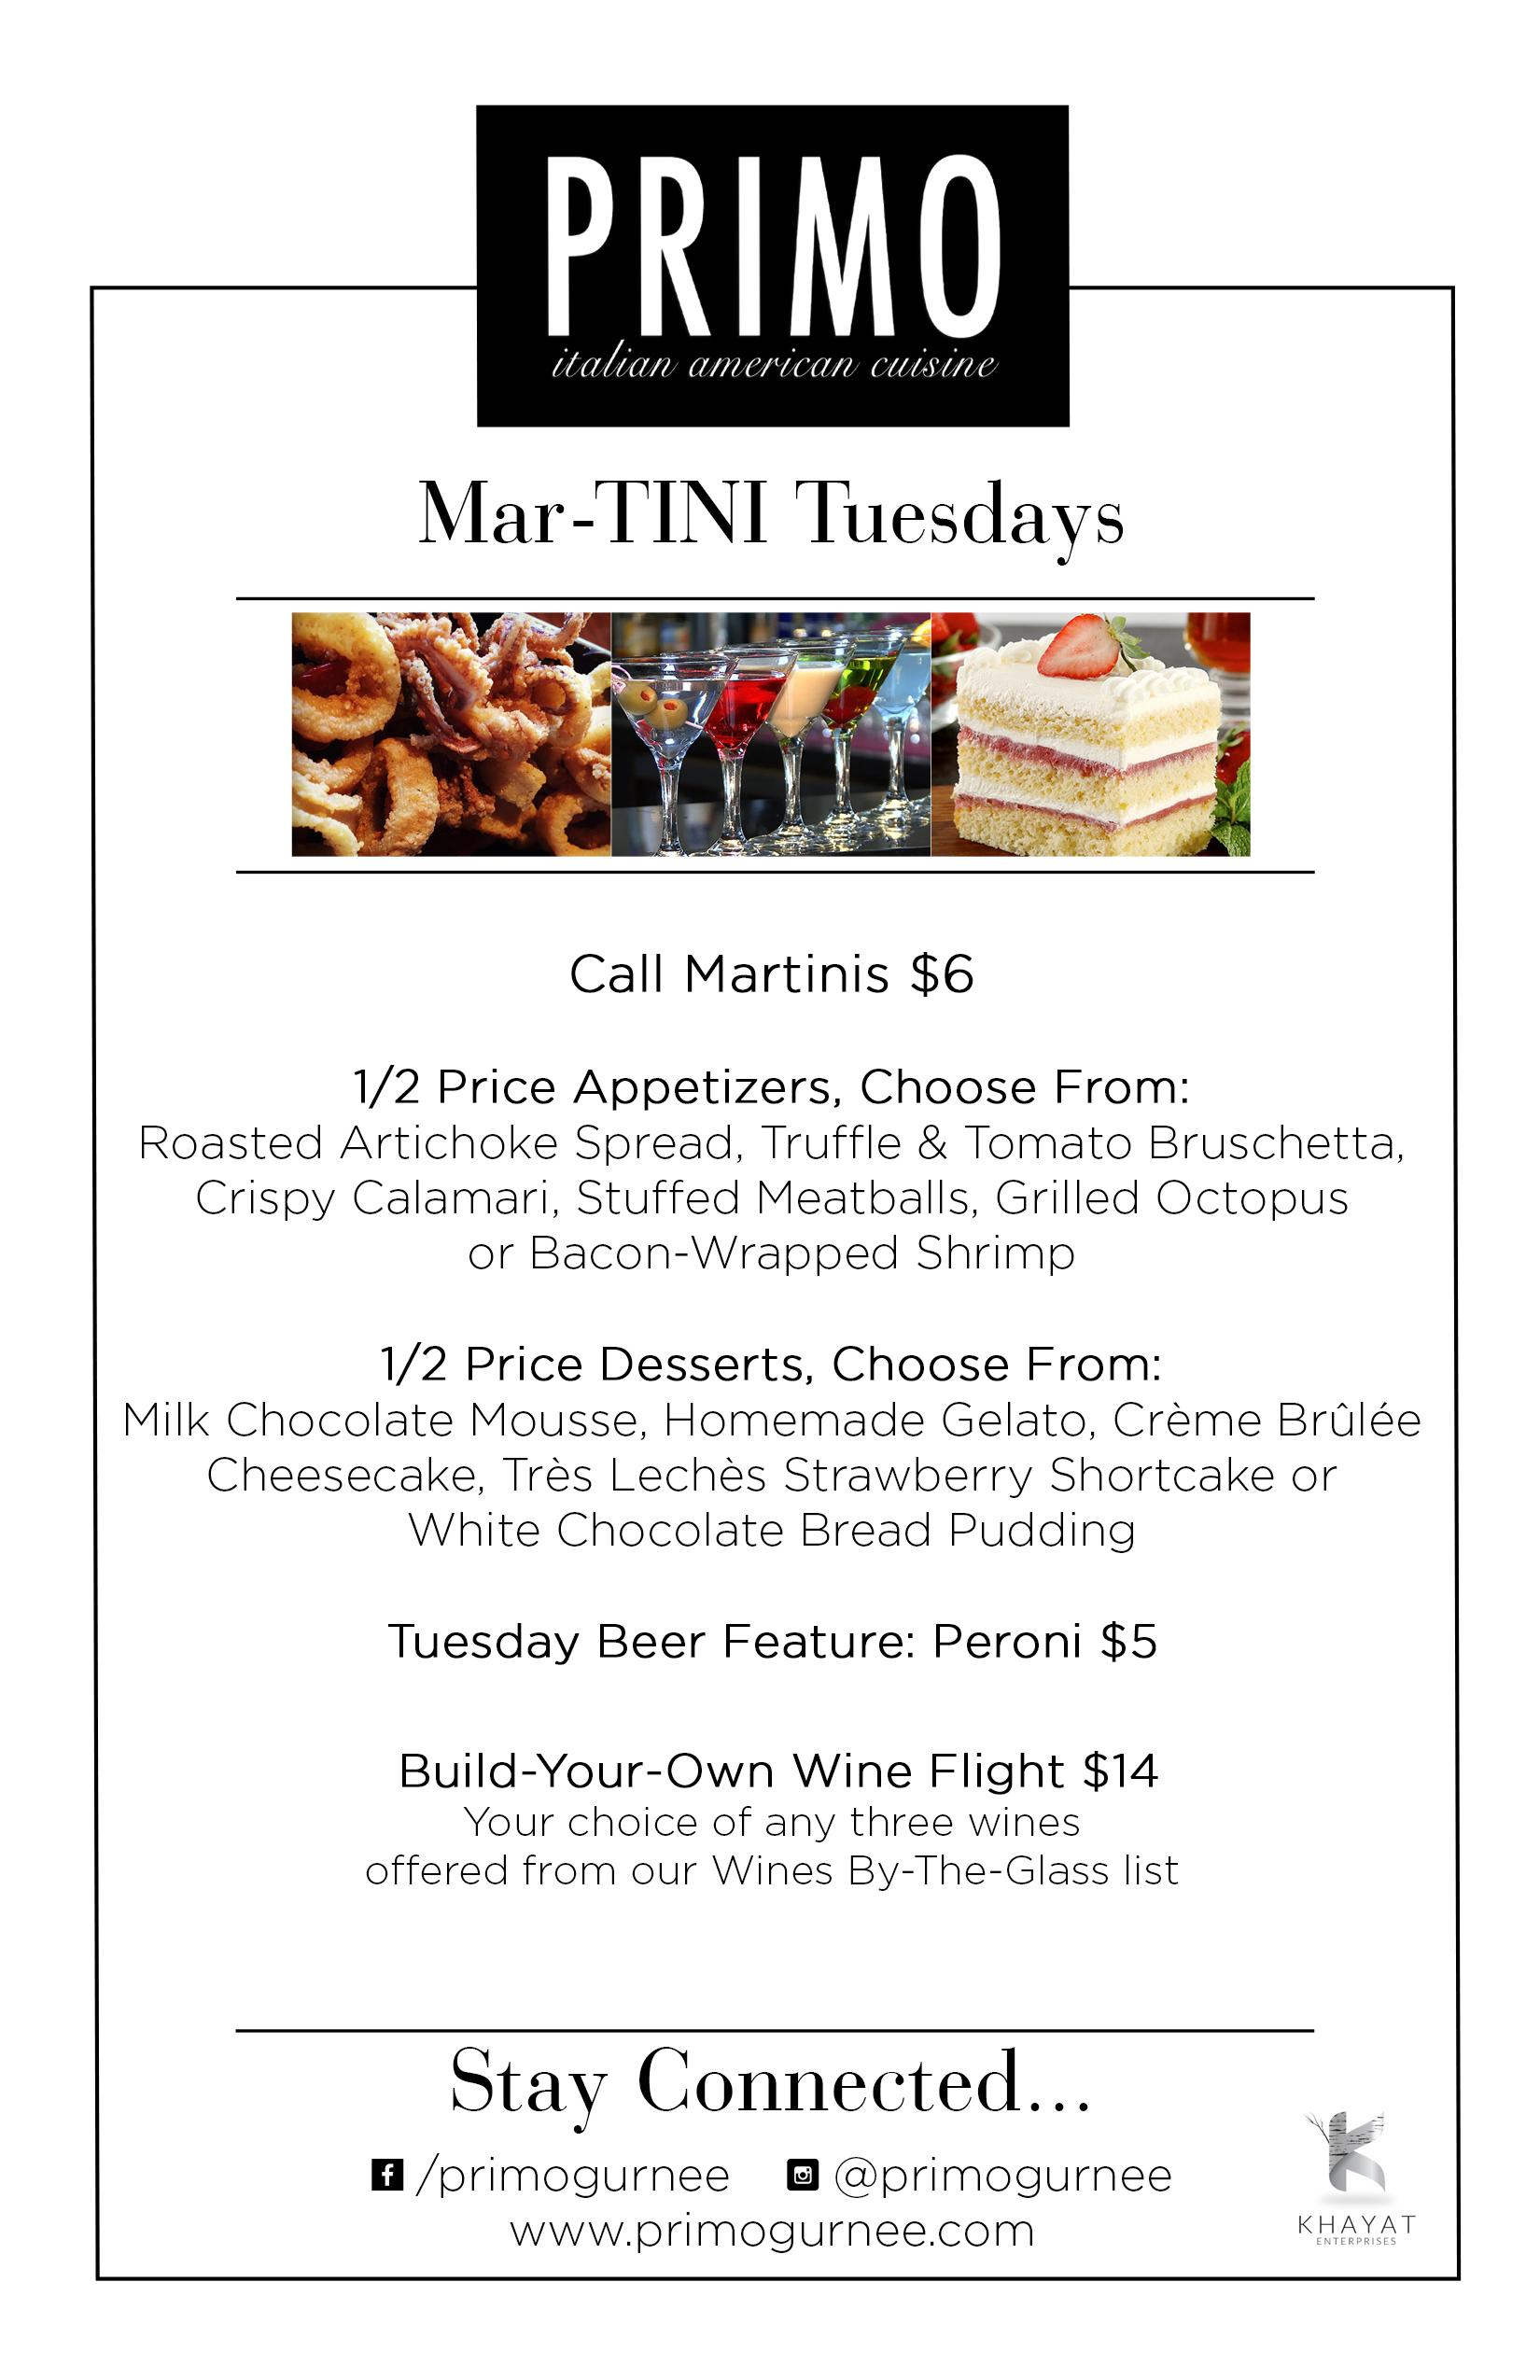 Primo Tuesday Specials